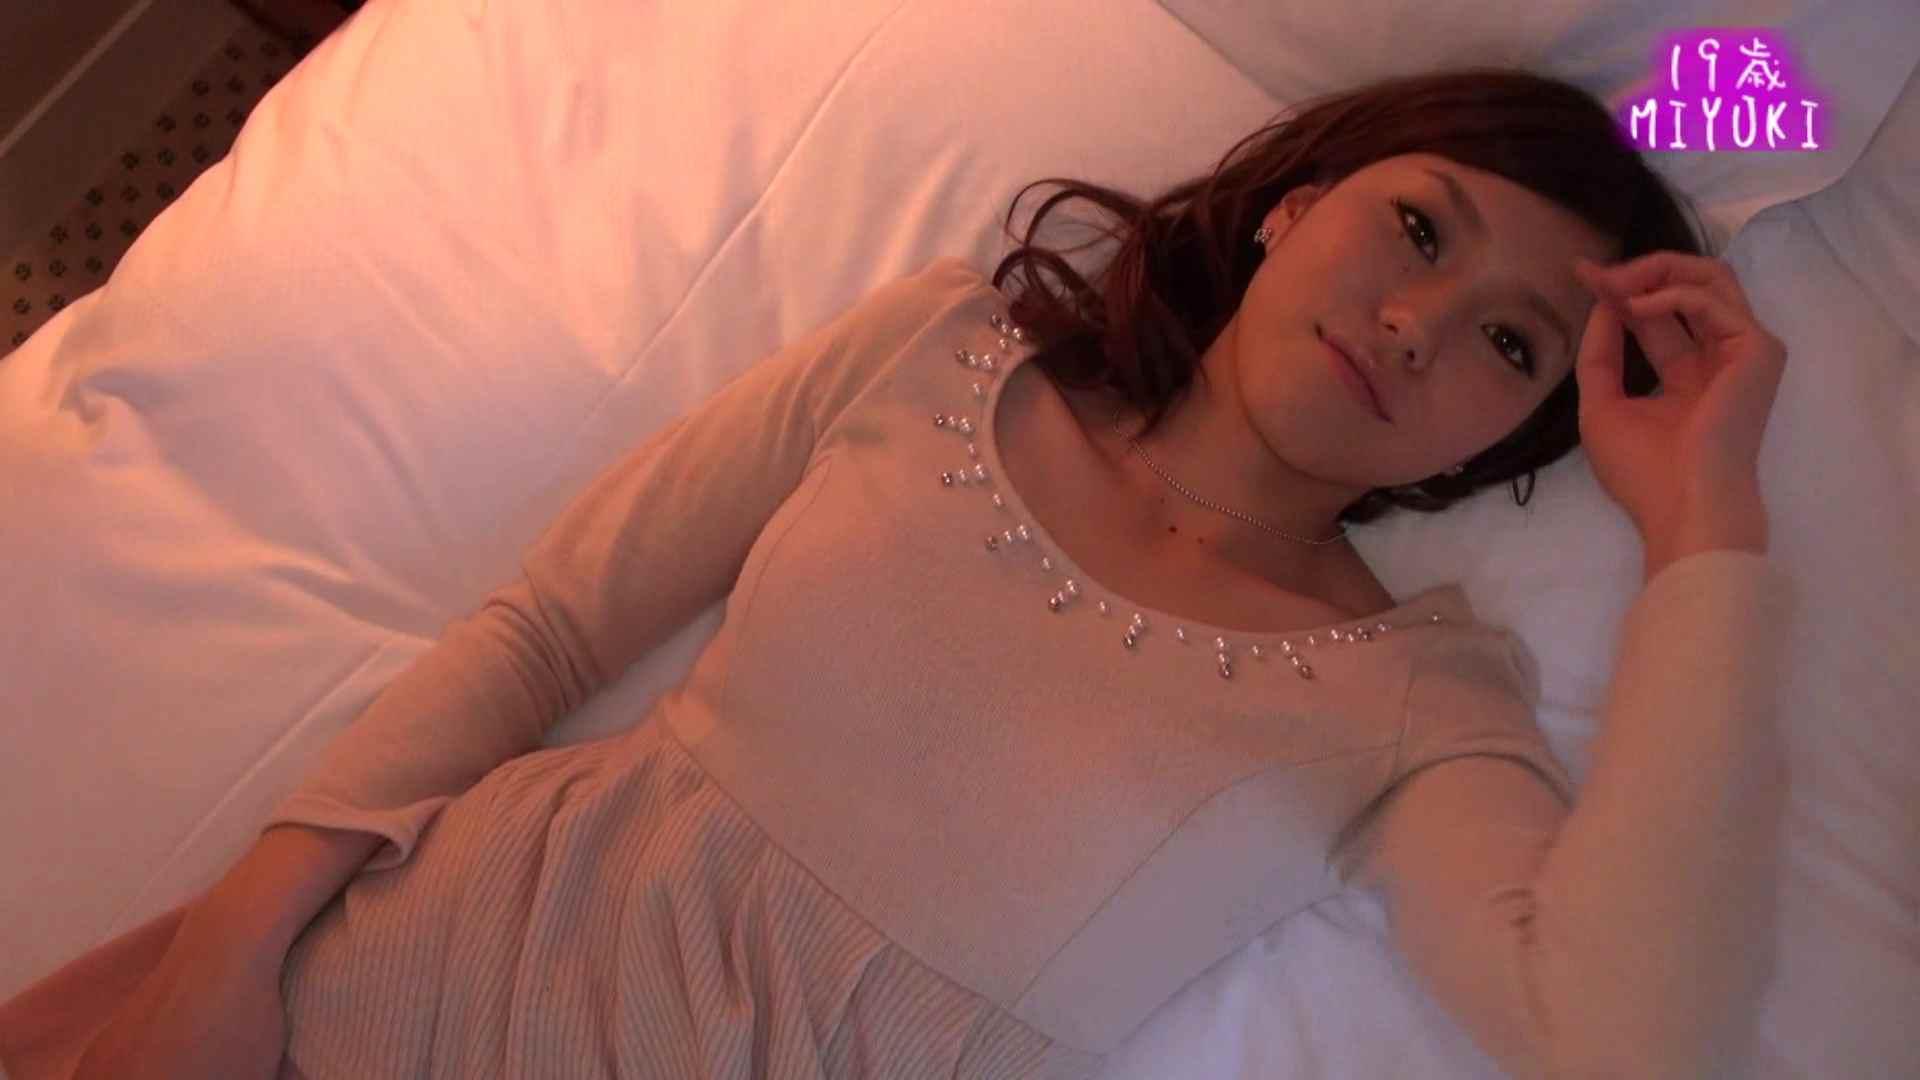 カメラテストを兼ねて、MIYUKIちゃんのイメージ撮影 素人達のヌード   0  21連発 14